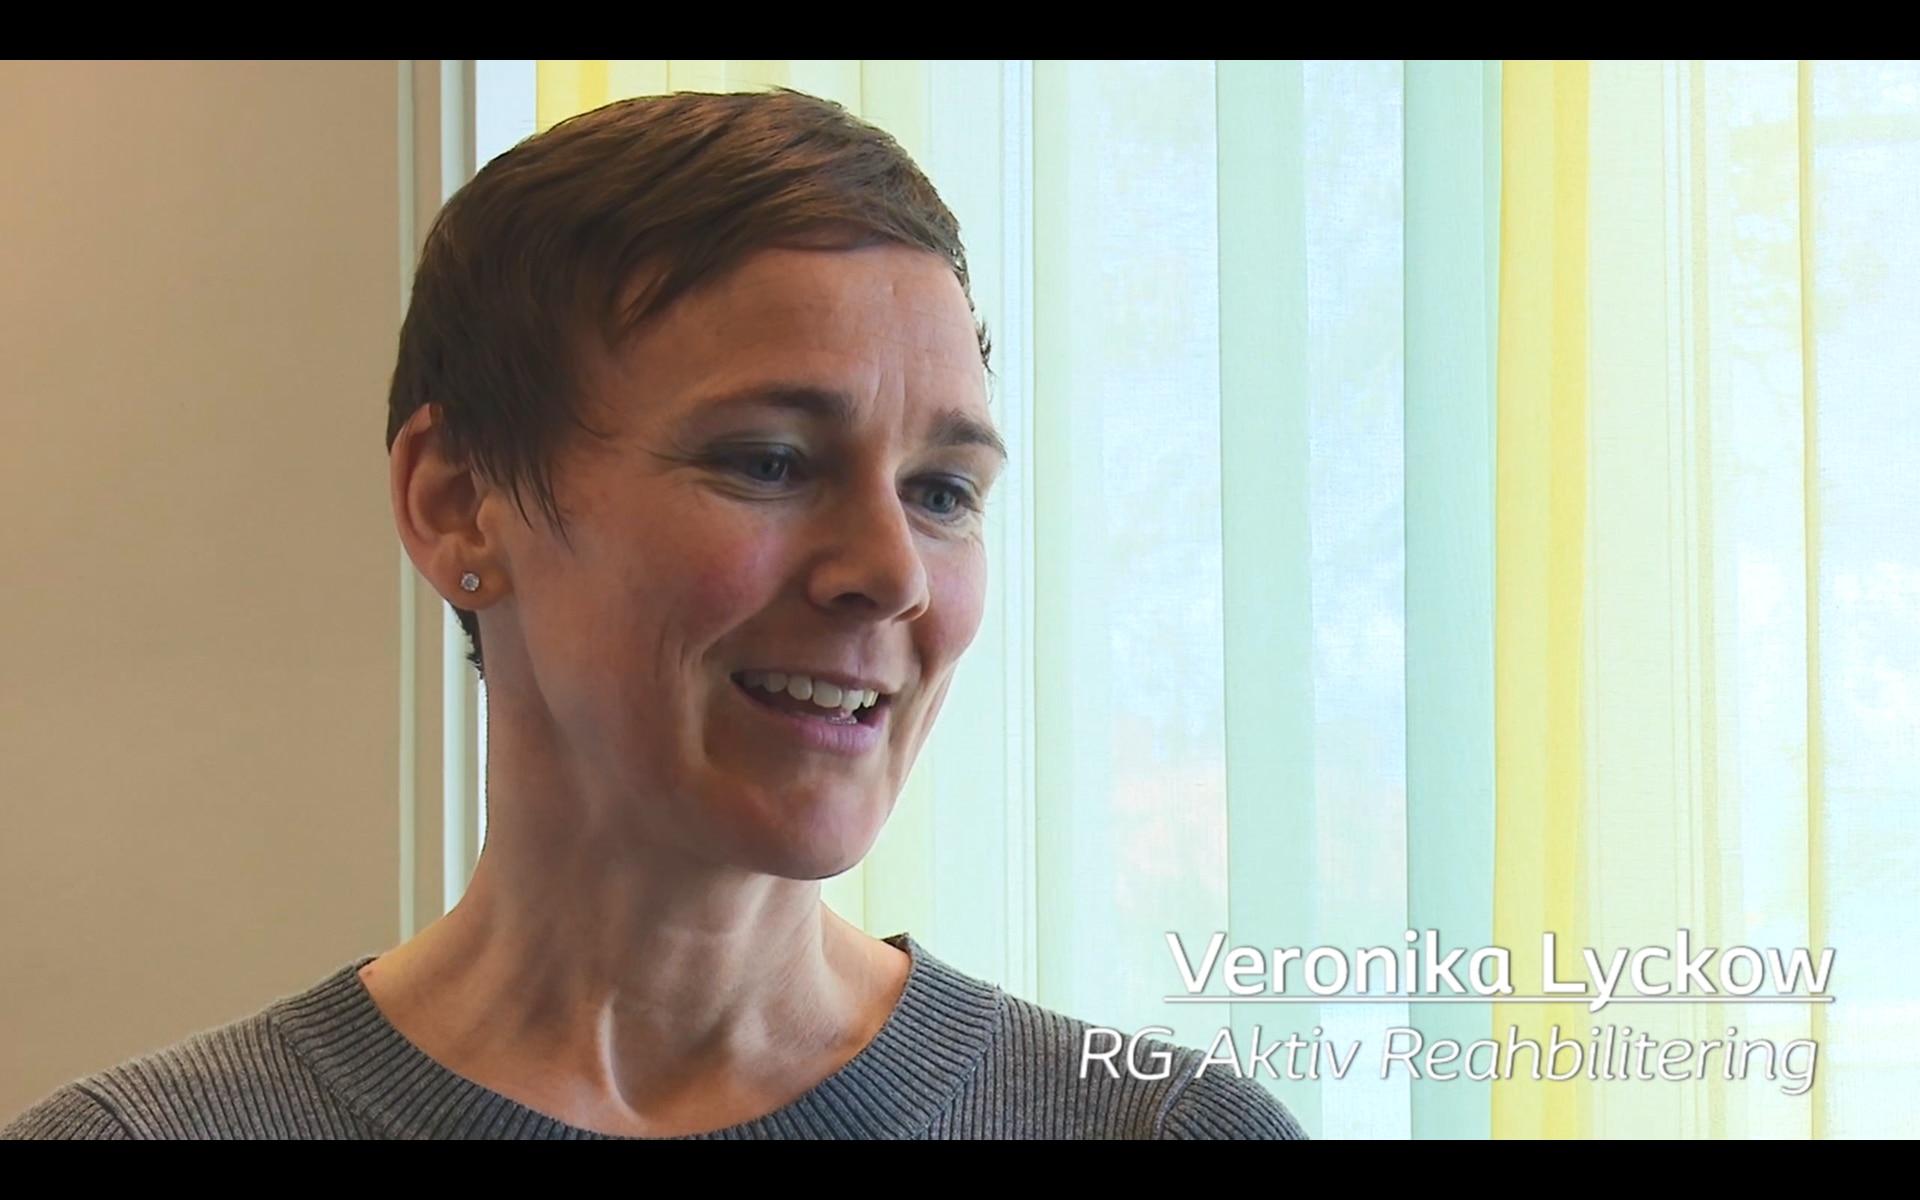 Veronika Lyckow